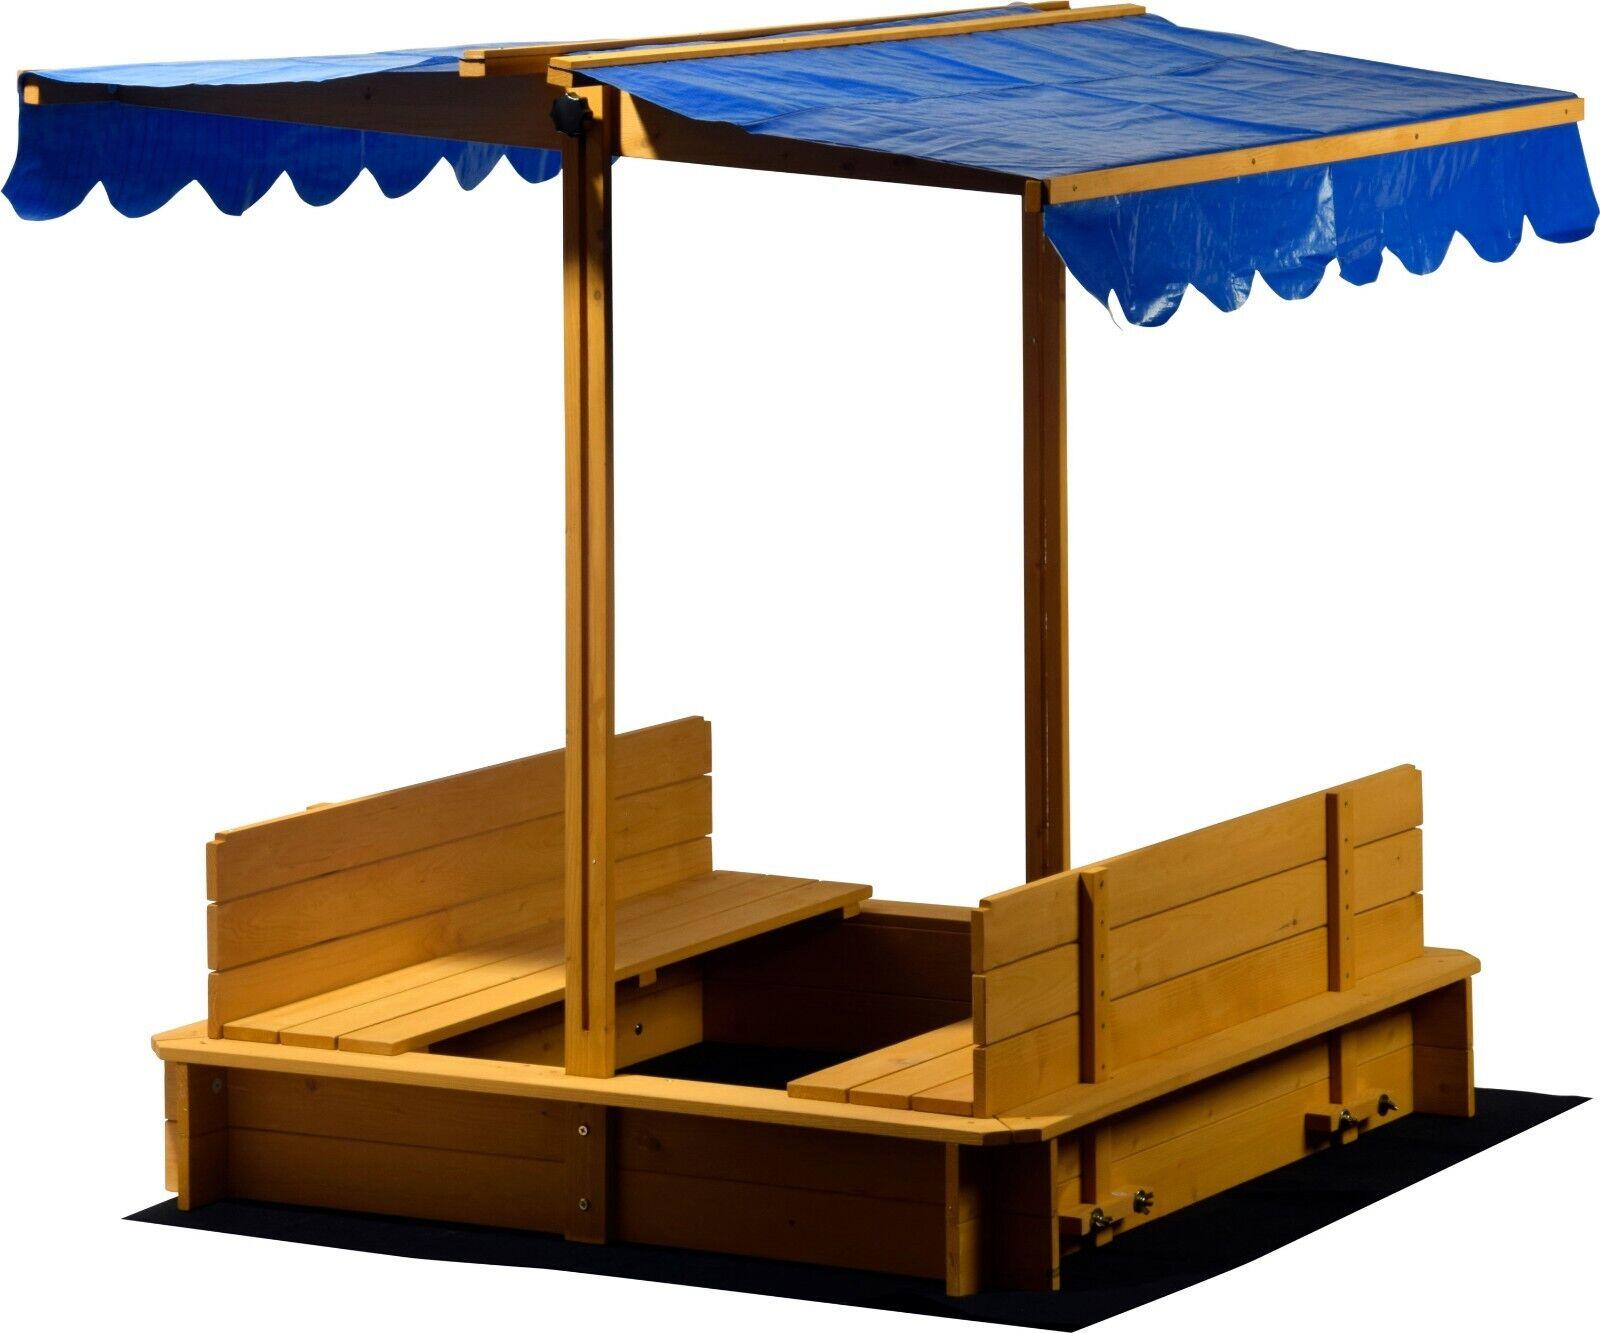 Großer Sandkasten mit Dach, Verstellbar Holz Sandkiste Sandbox Abdeckung Plane